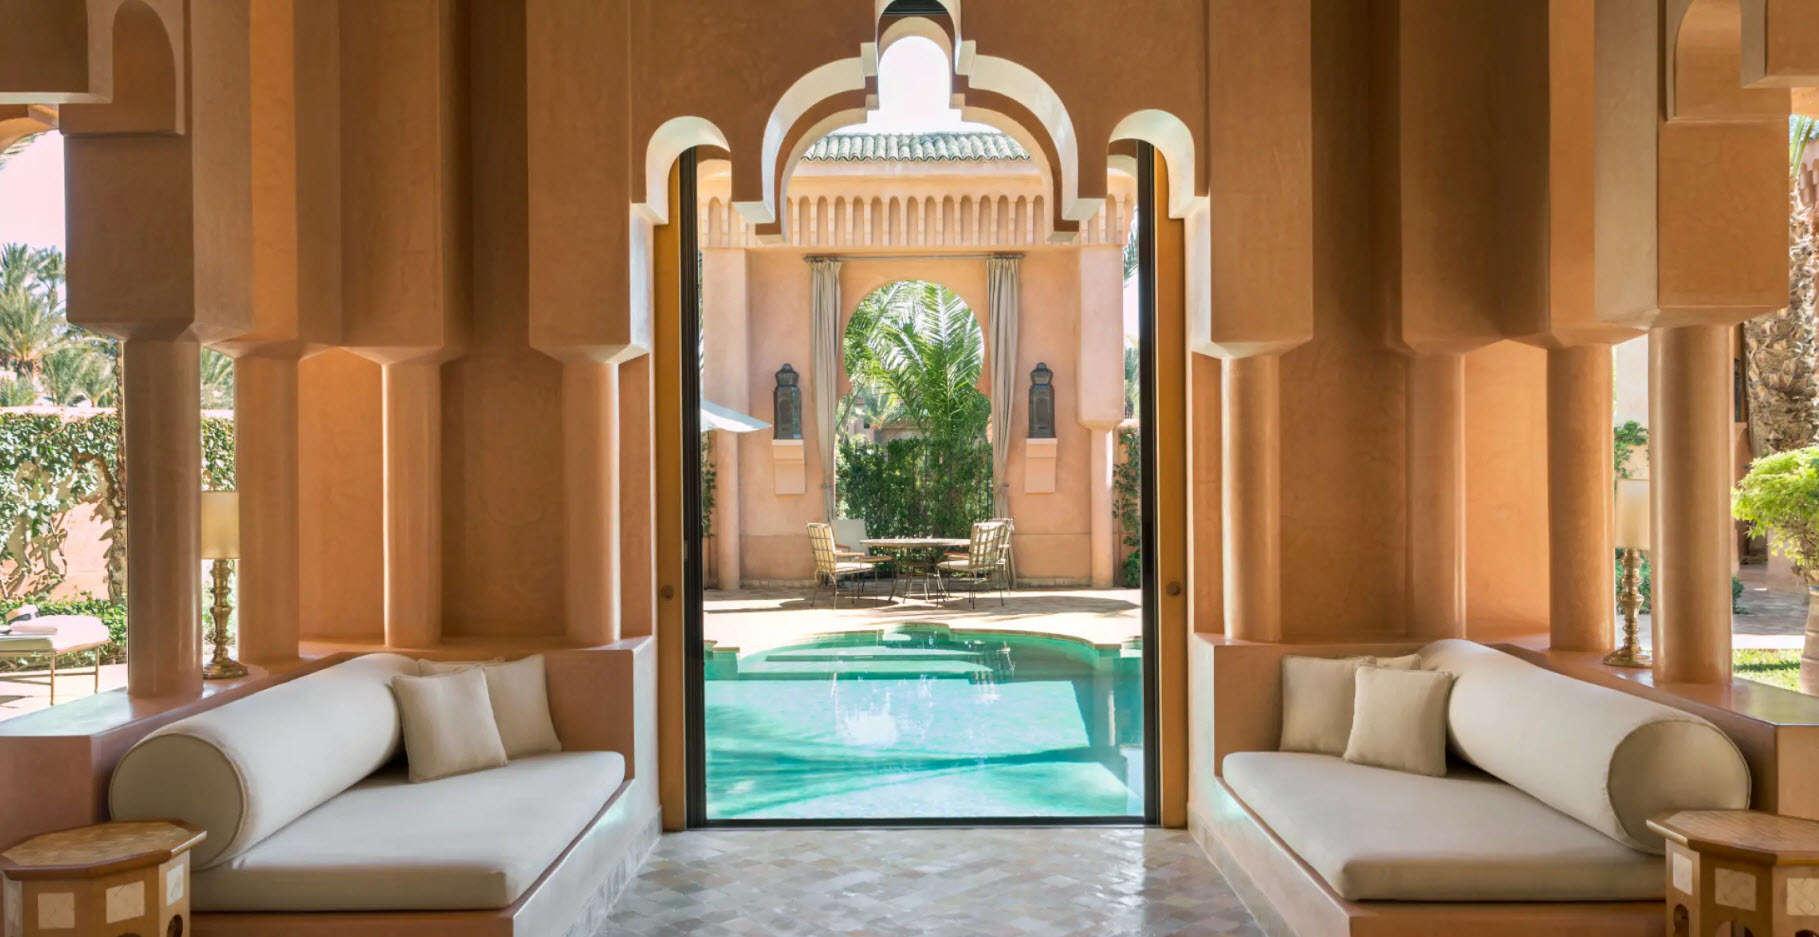 Luxury villa rentals africa - Morocco - Marrakesh - Amanjena - Amanjena Maisons - Image 1/5